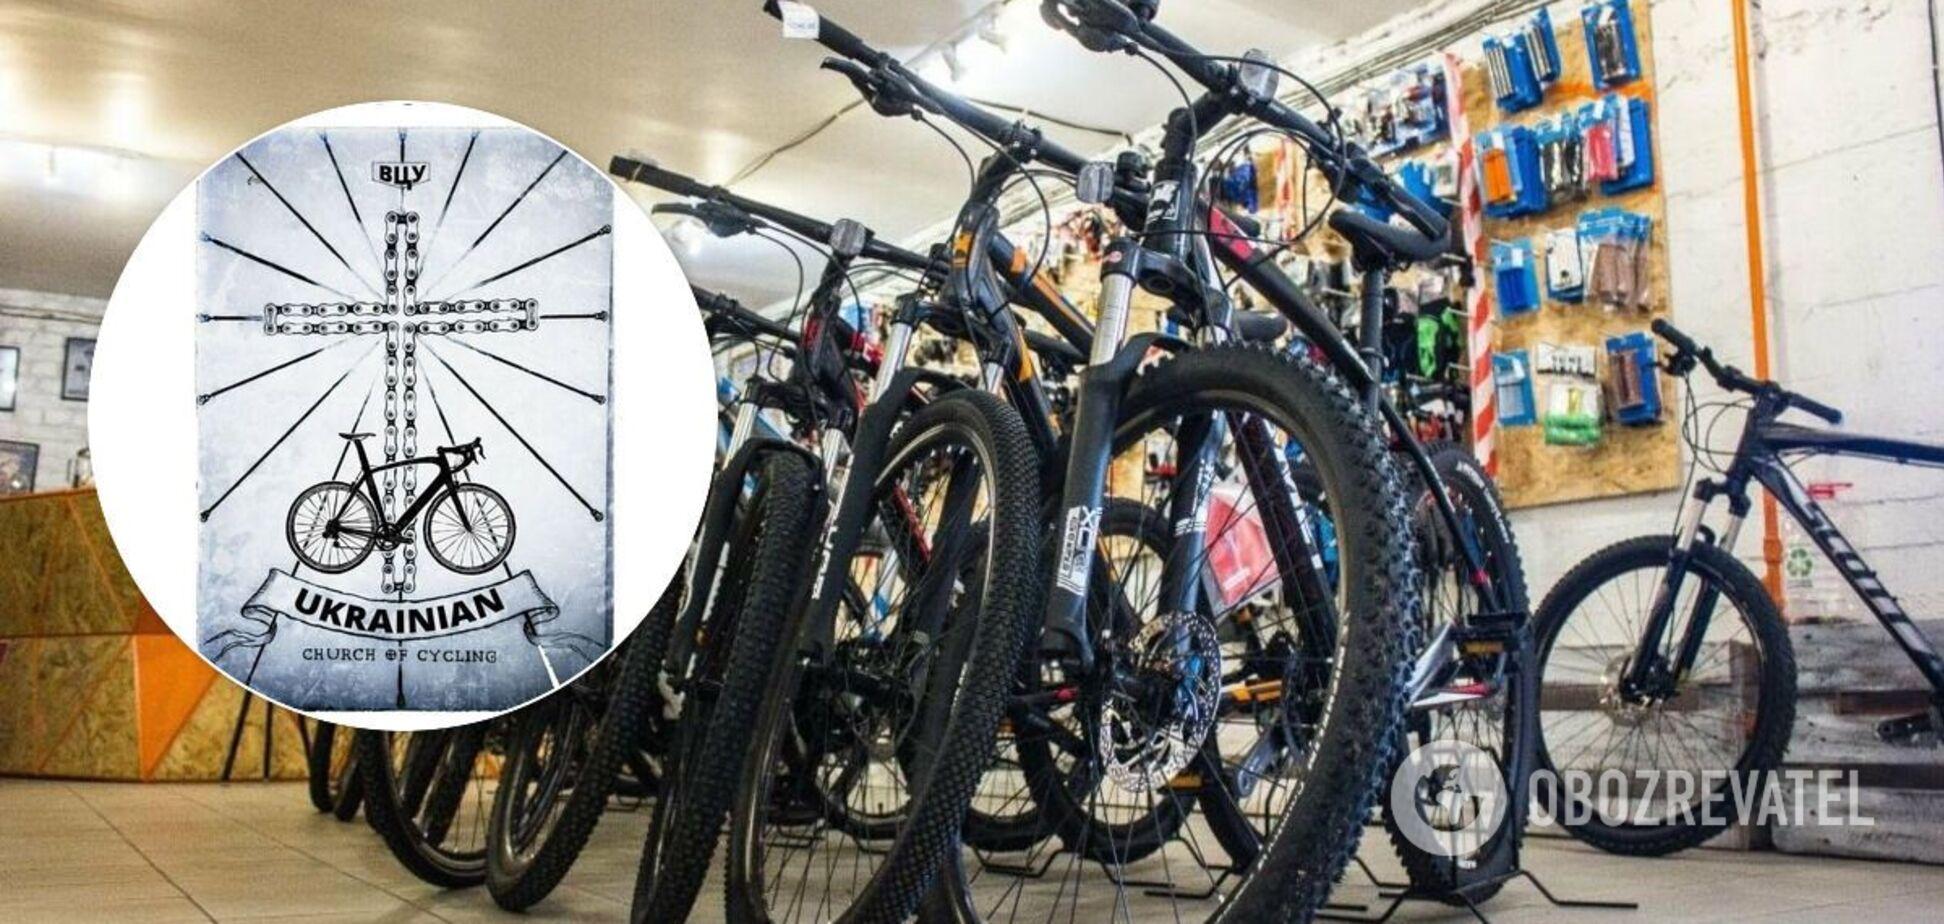 Киевлянин решил сделать из магазина 'Велосипедную церковь'